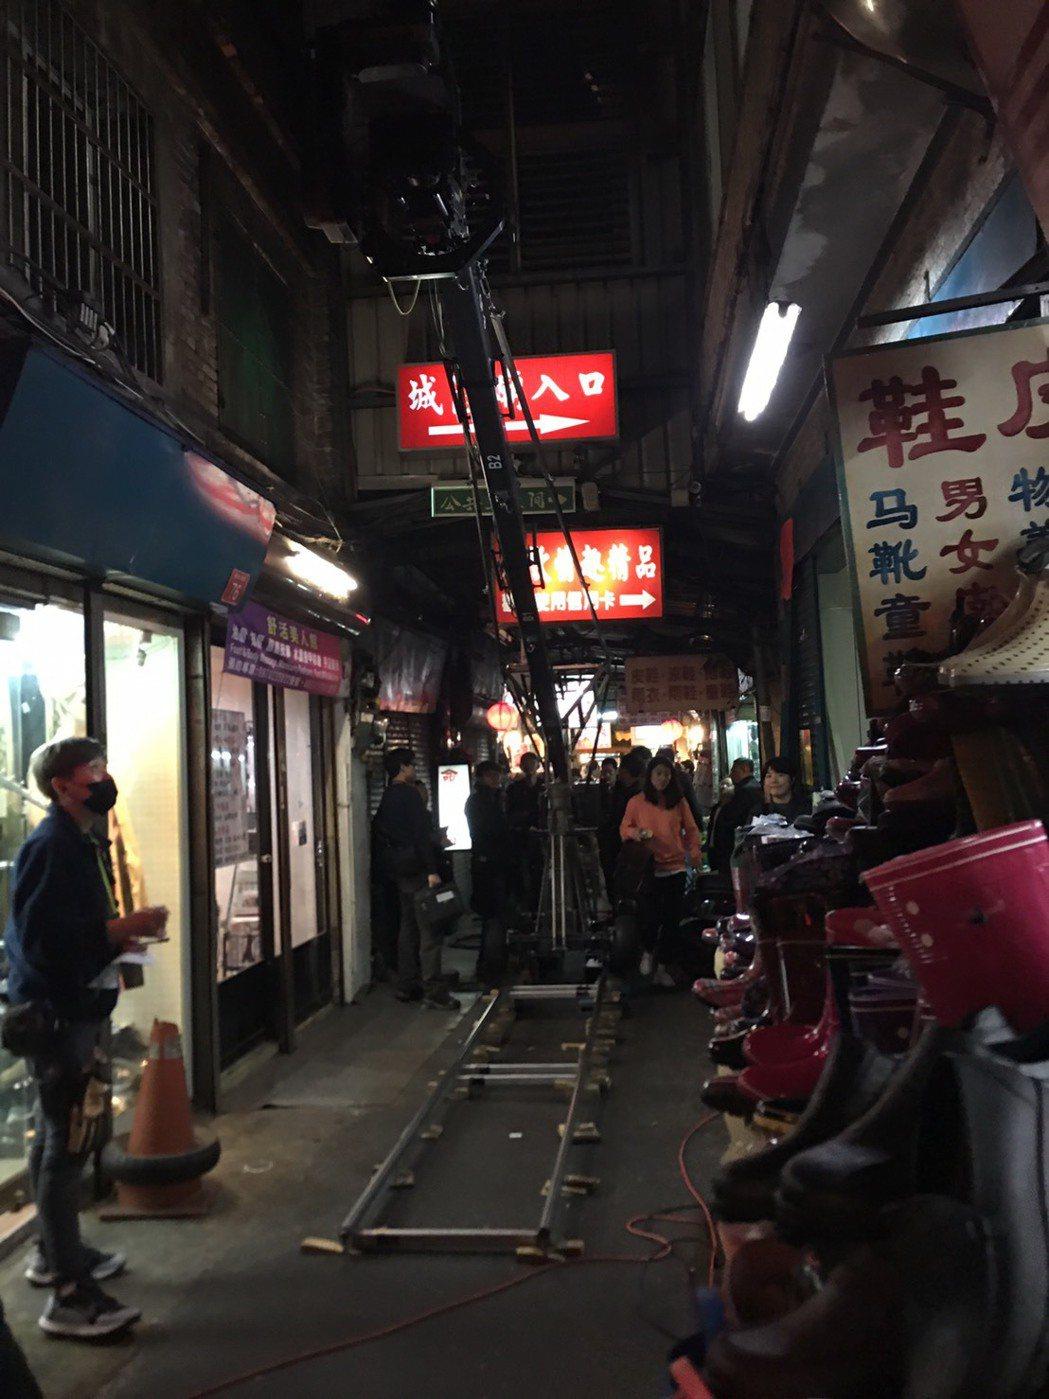 新竹市傳統市場保留古樸建築,吸引韓國電影劇組取景,大製作規模也讓民眾大開眼界。記...